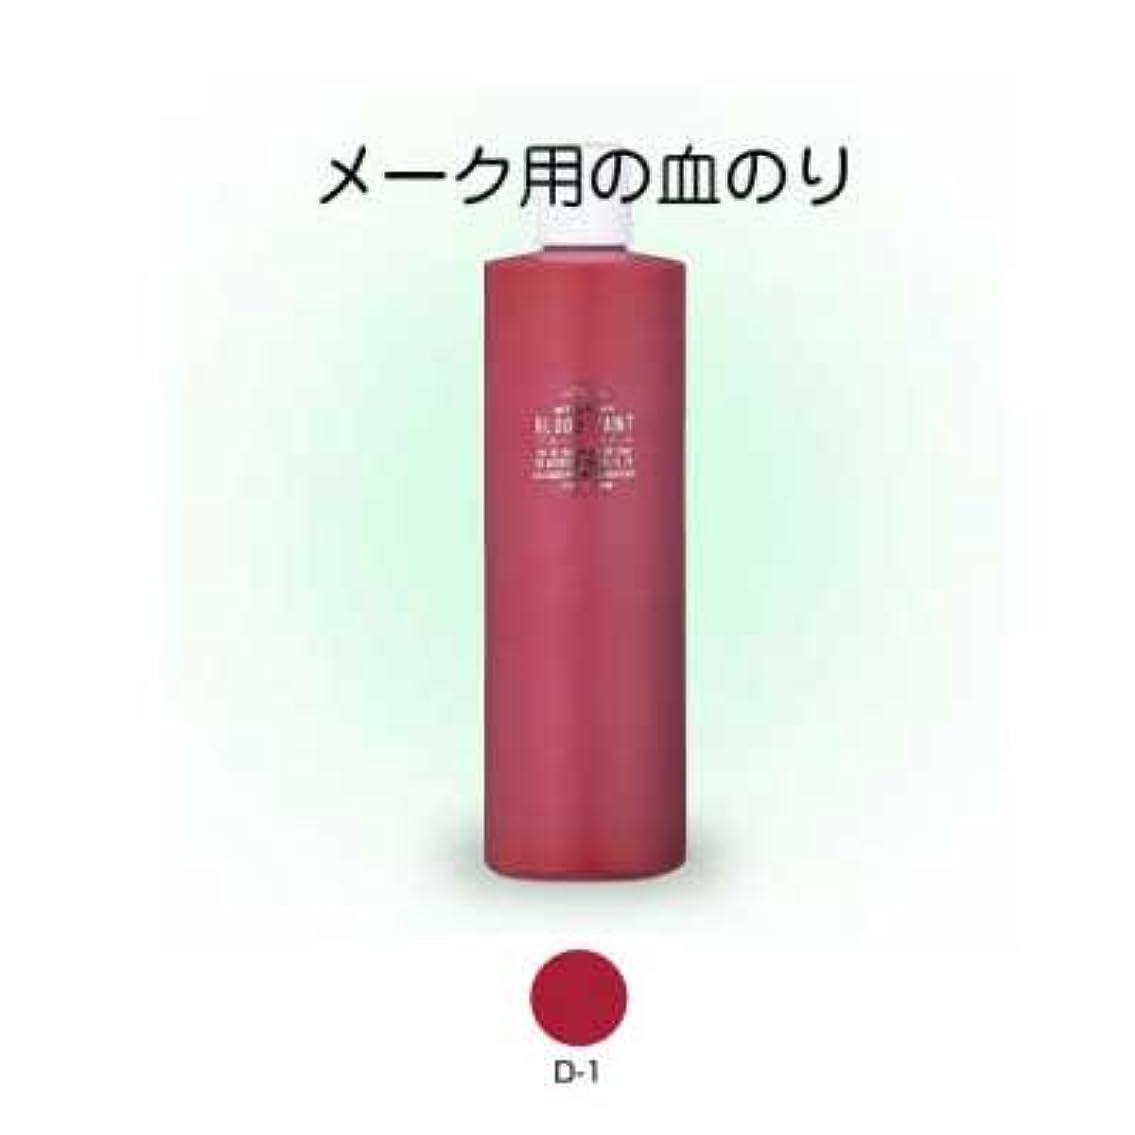 尋ねる制限された直接ブロードペイント(メークアップ用の血のり)500ml D-1【三善】